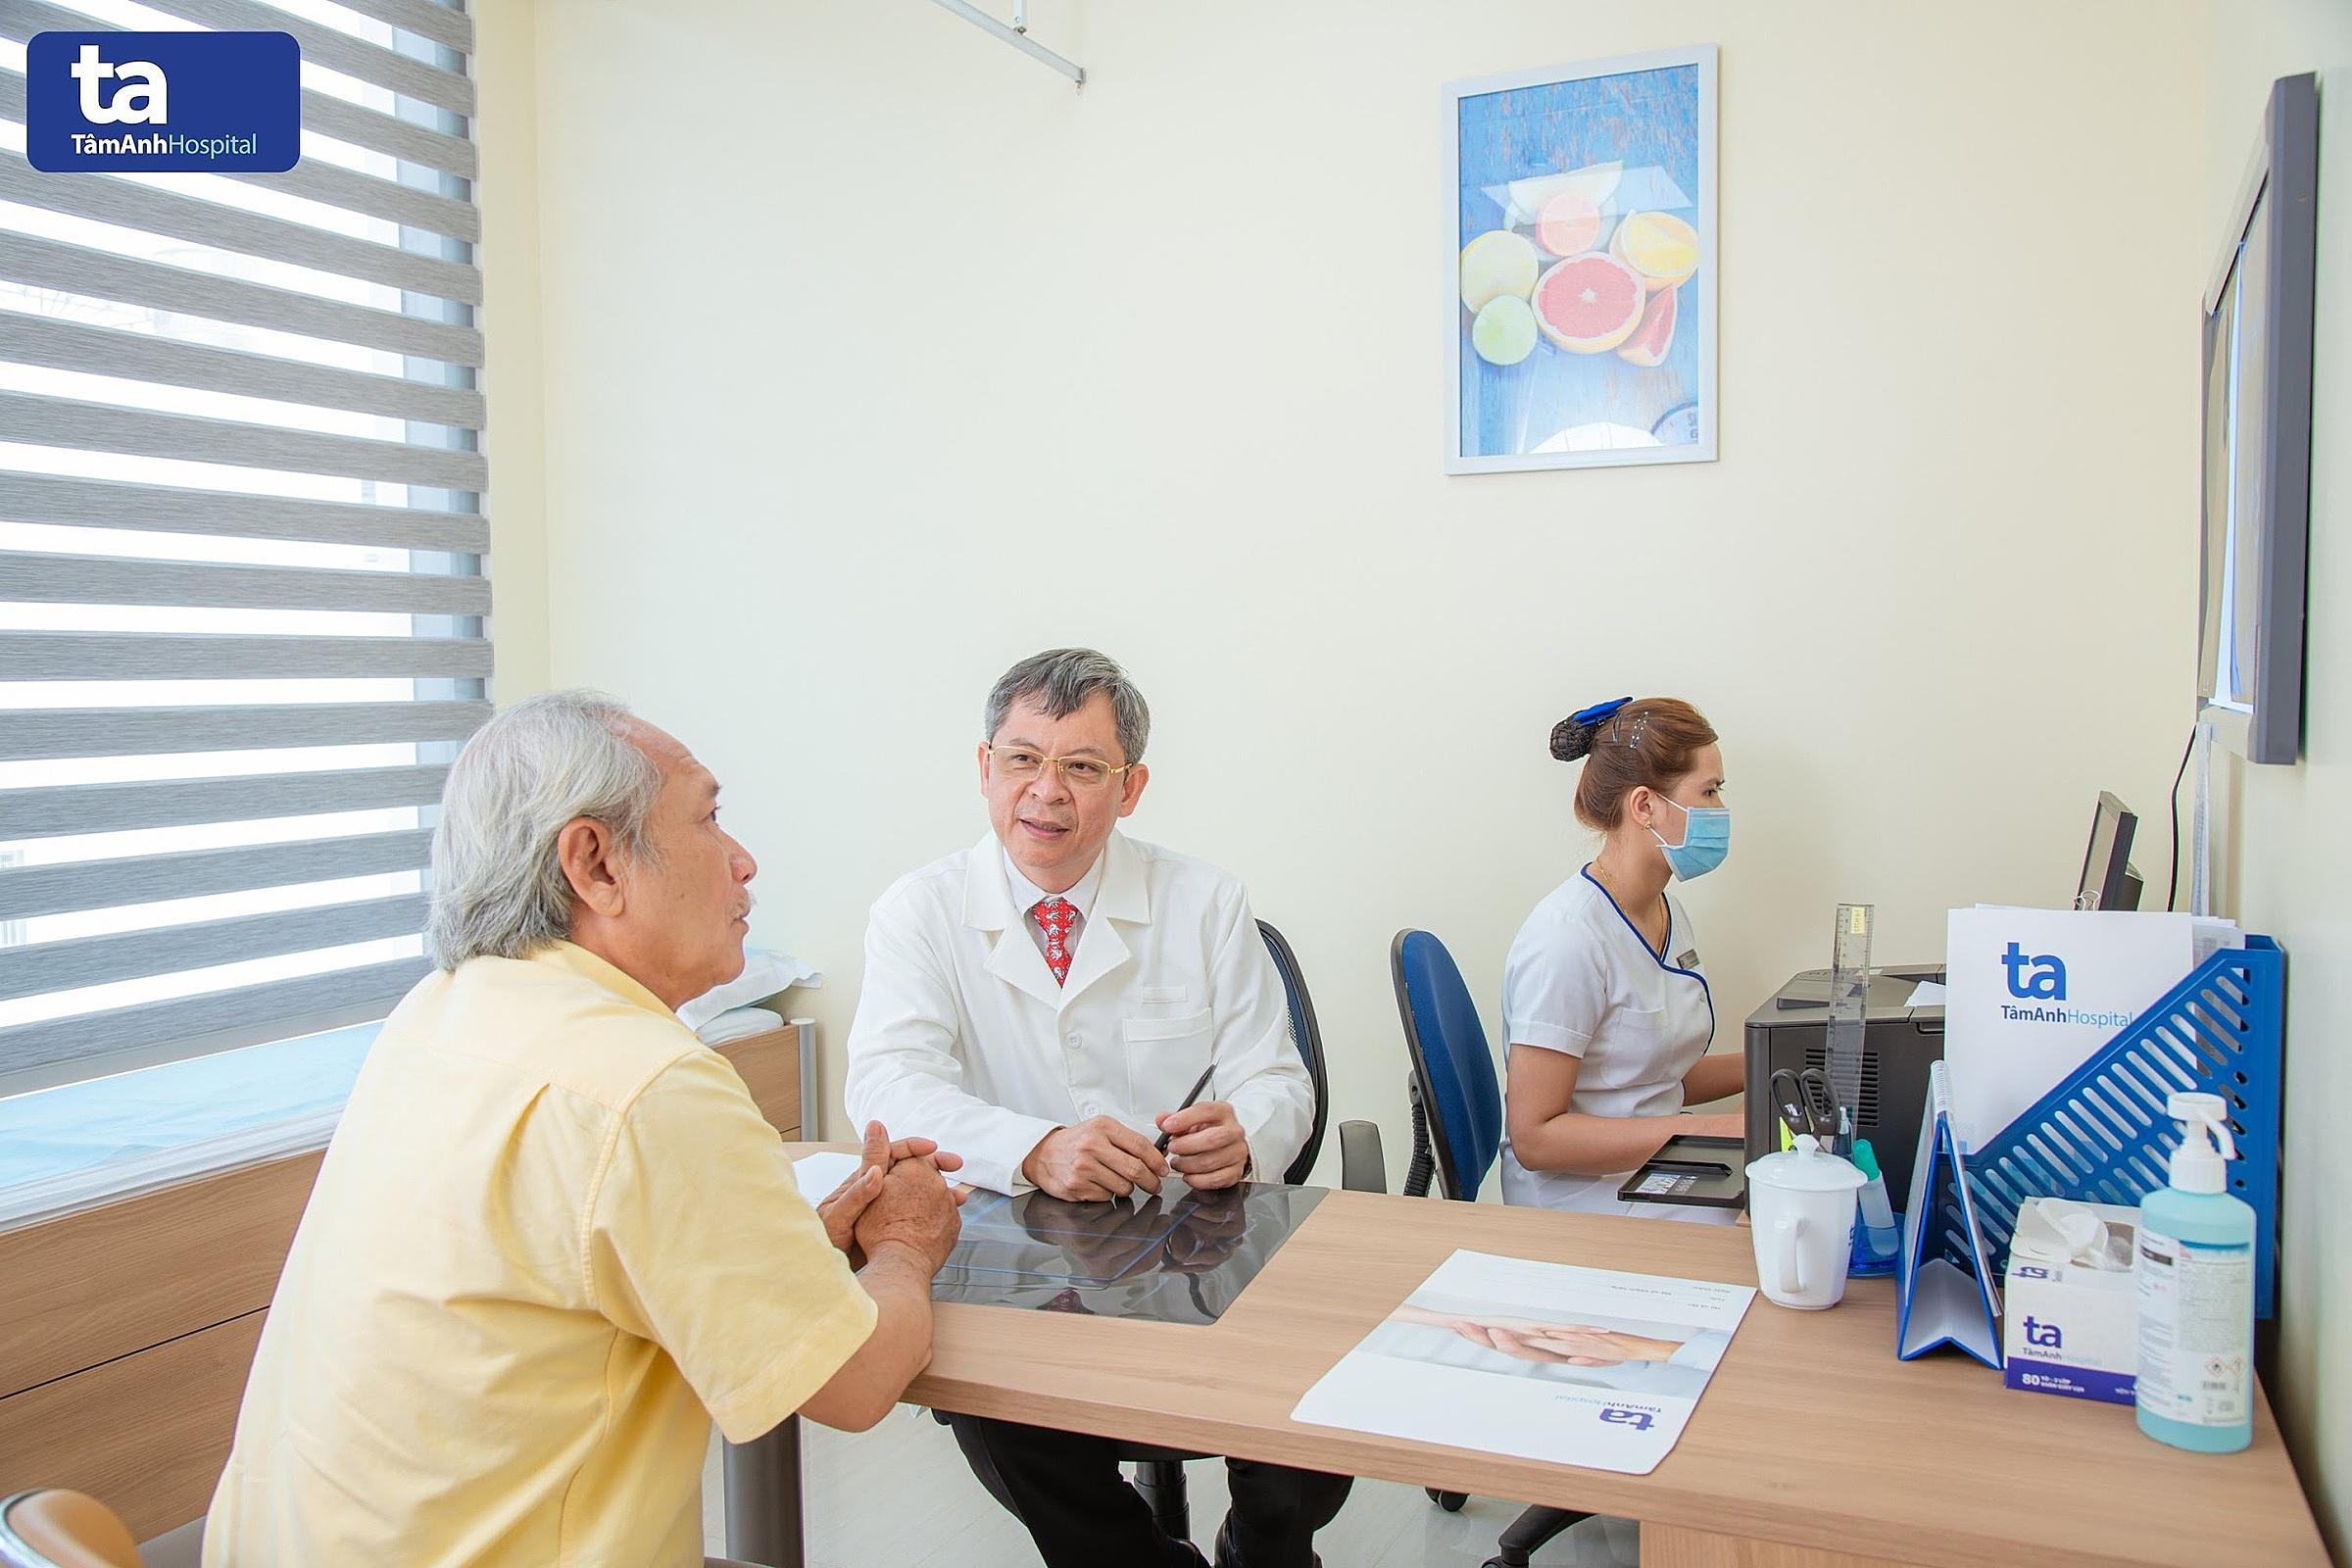 Tiến sĩ, bác sĩ Tăng Hà Nam Anh giúp nhiều bệnh nhân hồi phục nhanh hơn sau chấn thương. Ảnh: Bệnh viện Đa khoa Tâm Anh.